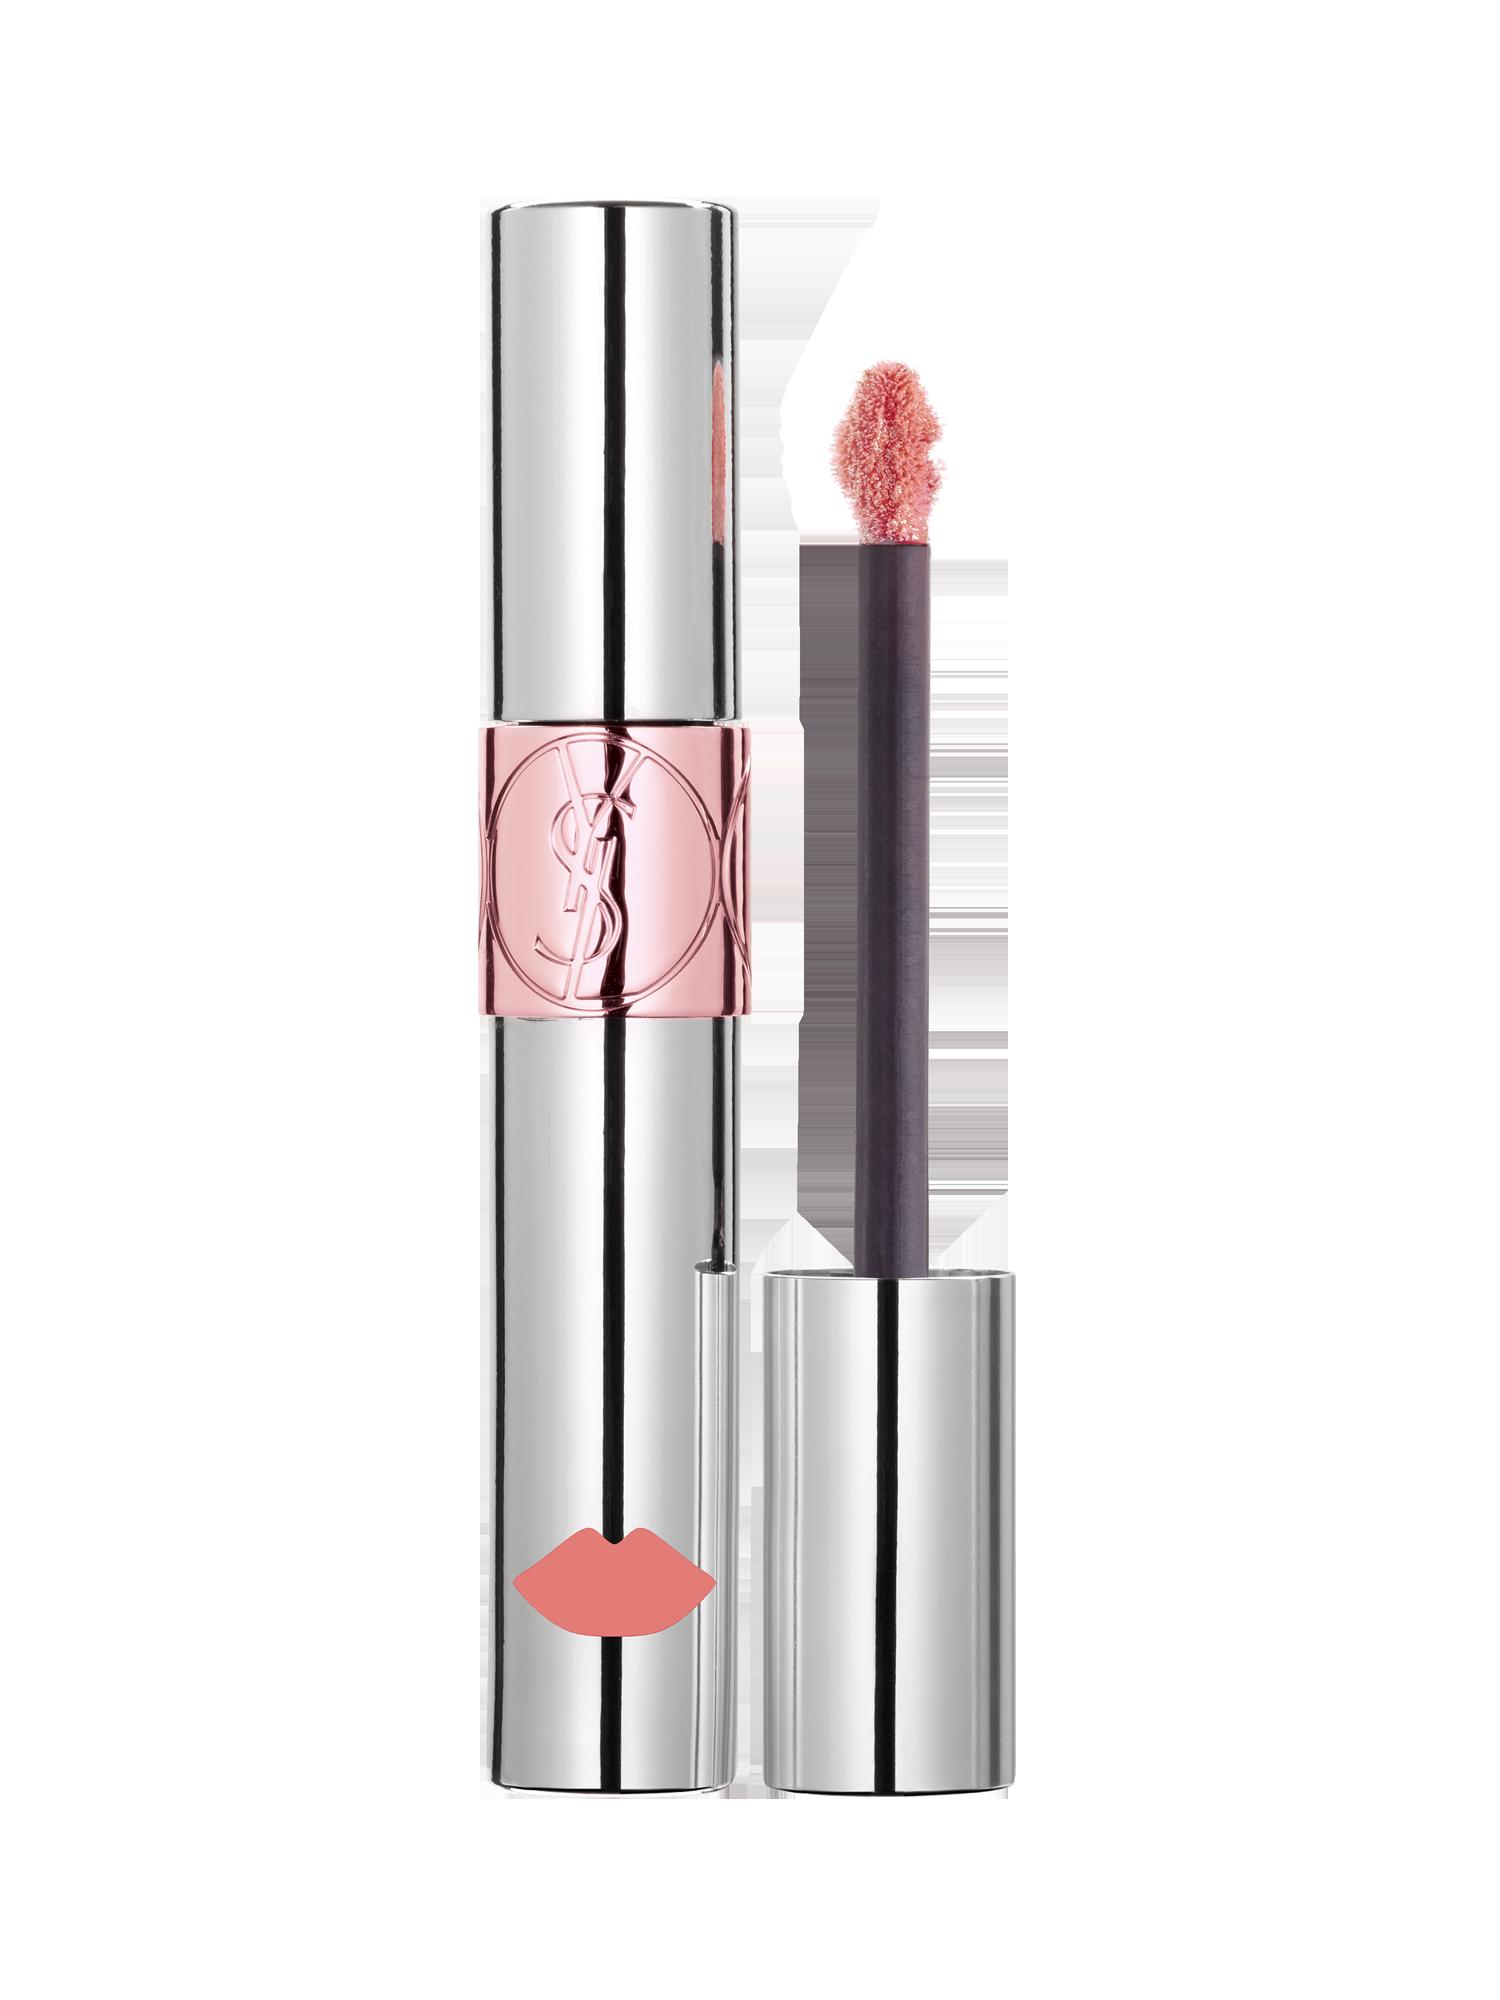 Volupté Liquid Colour Balm Lip Gloss luxury variant by